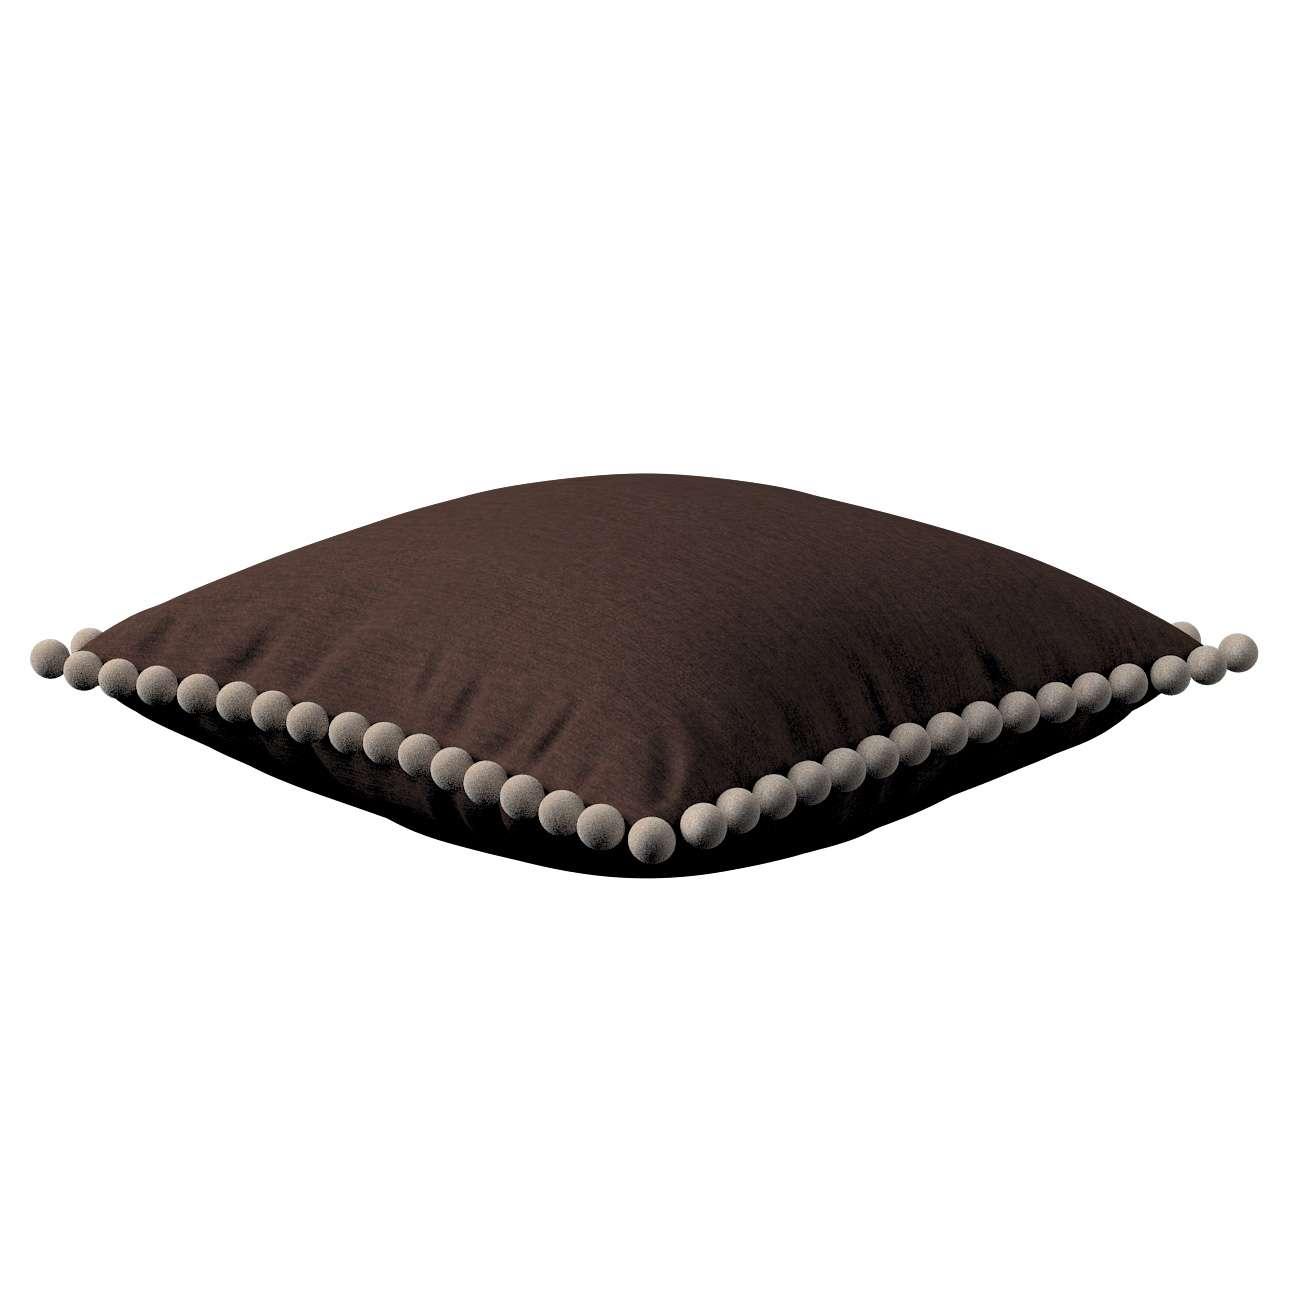 Wera dekoratyvinės pagalvėlės su žaismingais kraštais 45 x 45 cm kolekcijoje Chenille, audinys: 702-18